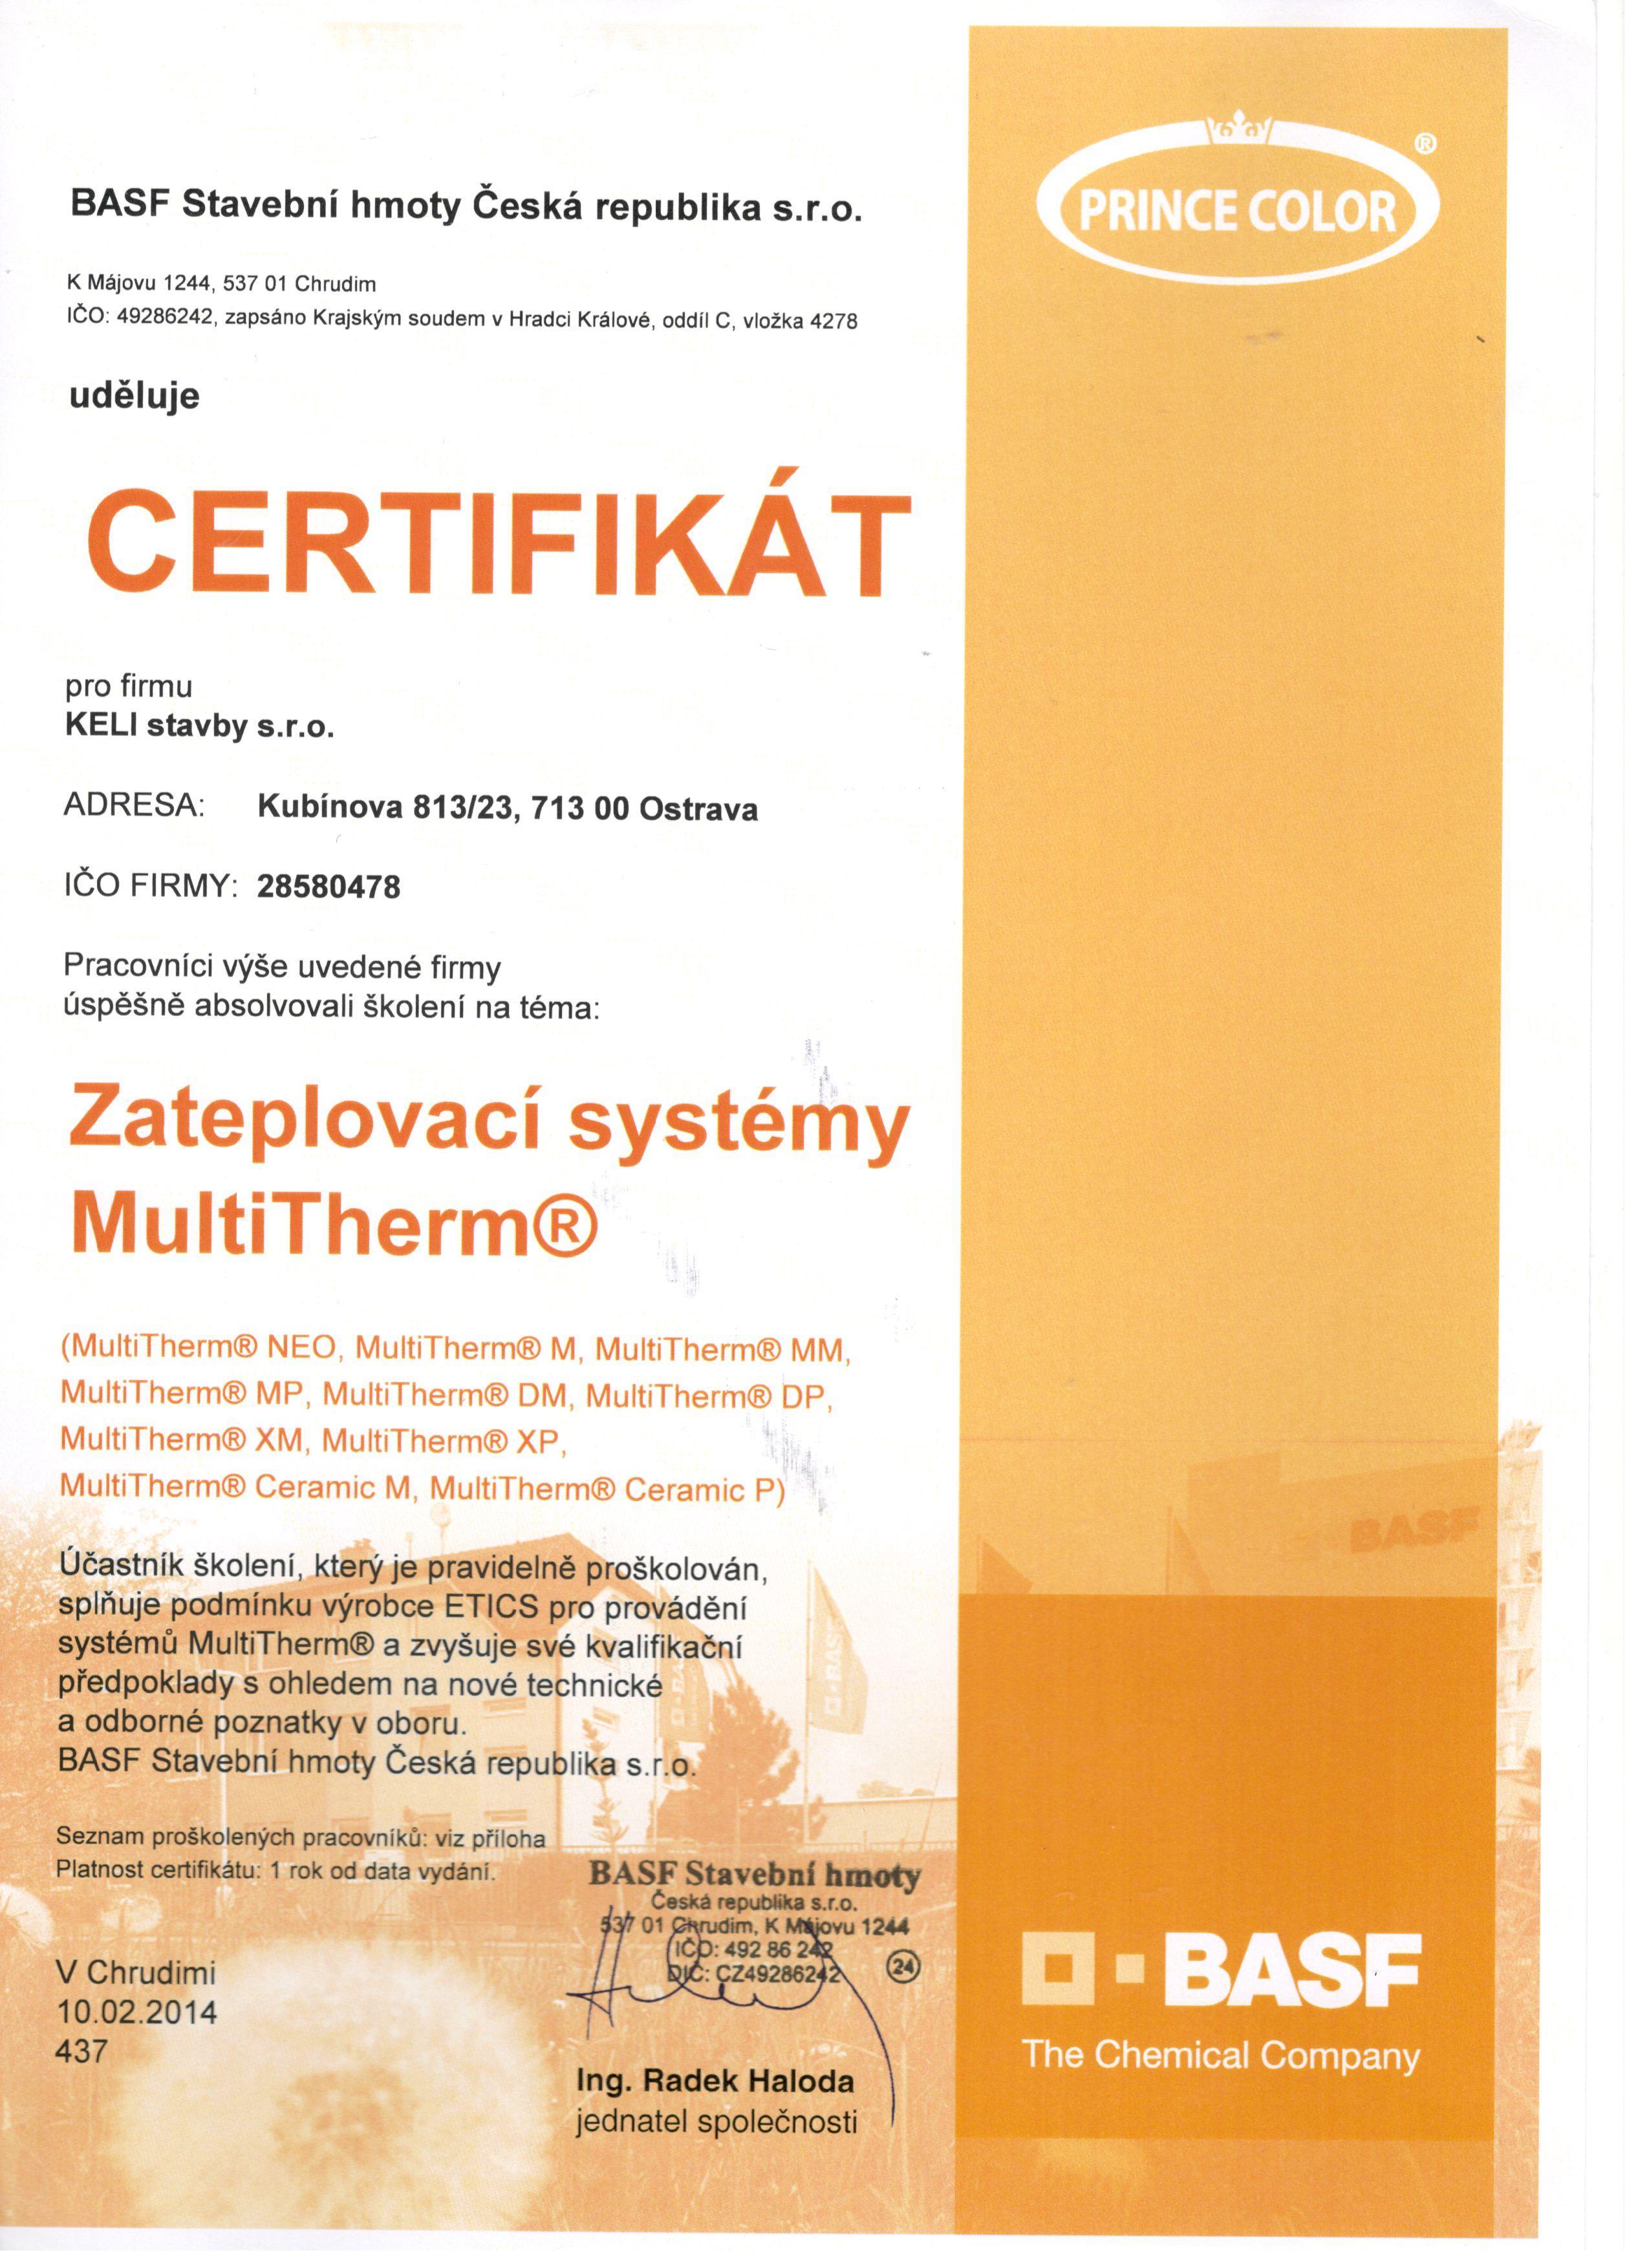 Certifikát zateplovací systémy Multitherm